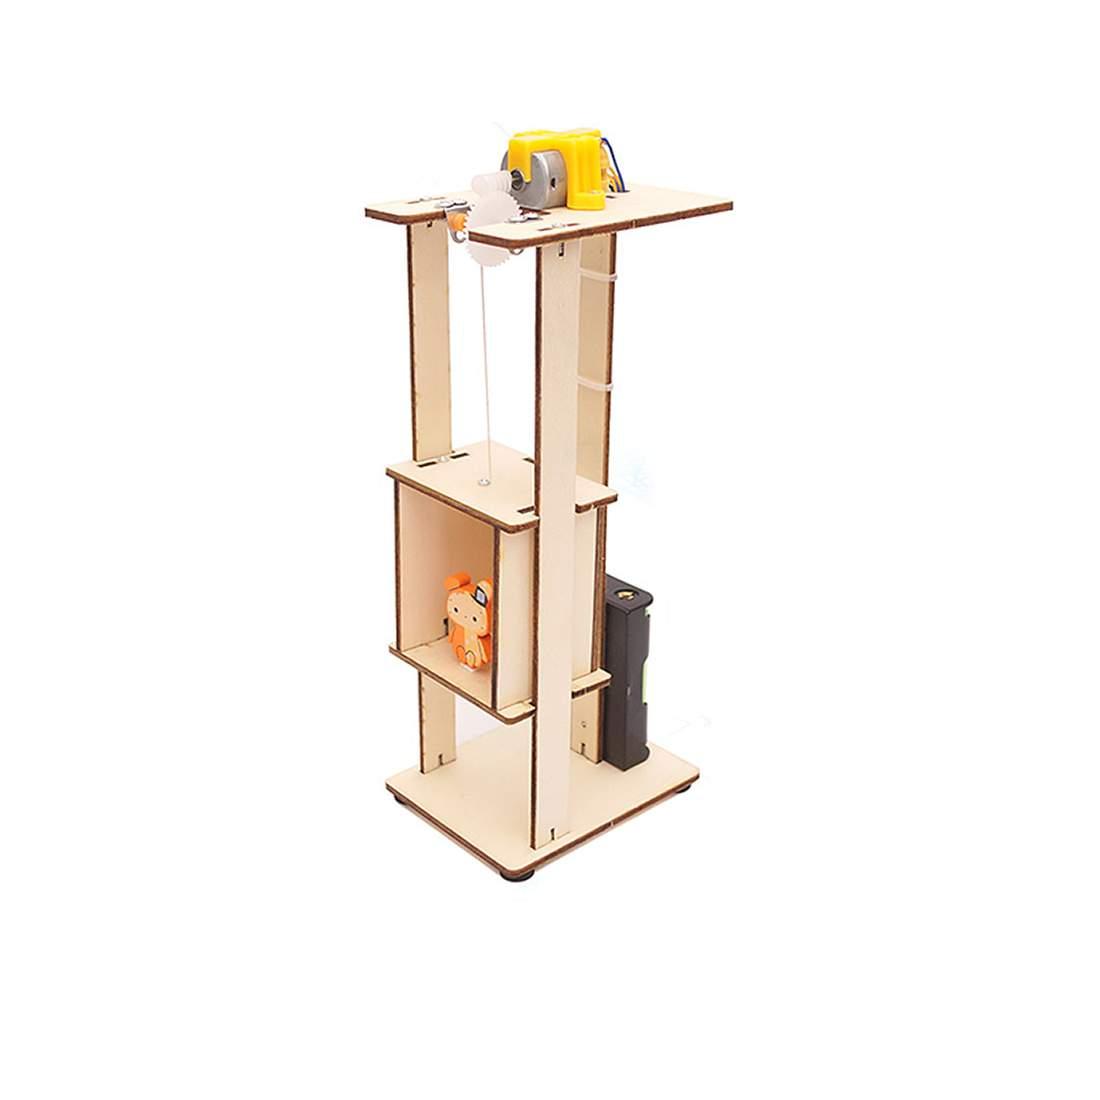 DIY Lift (elemek nélkül)